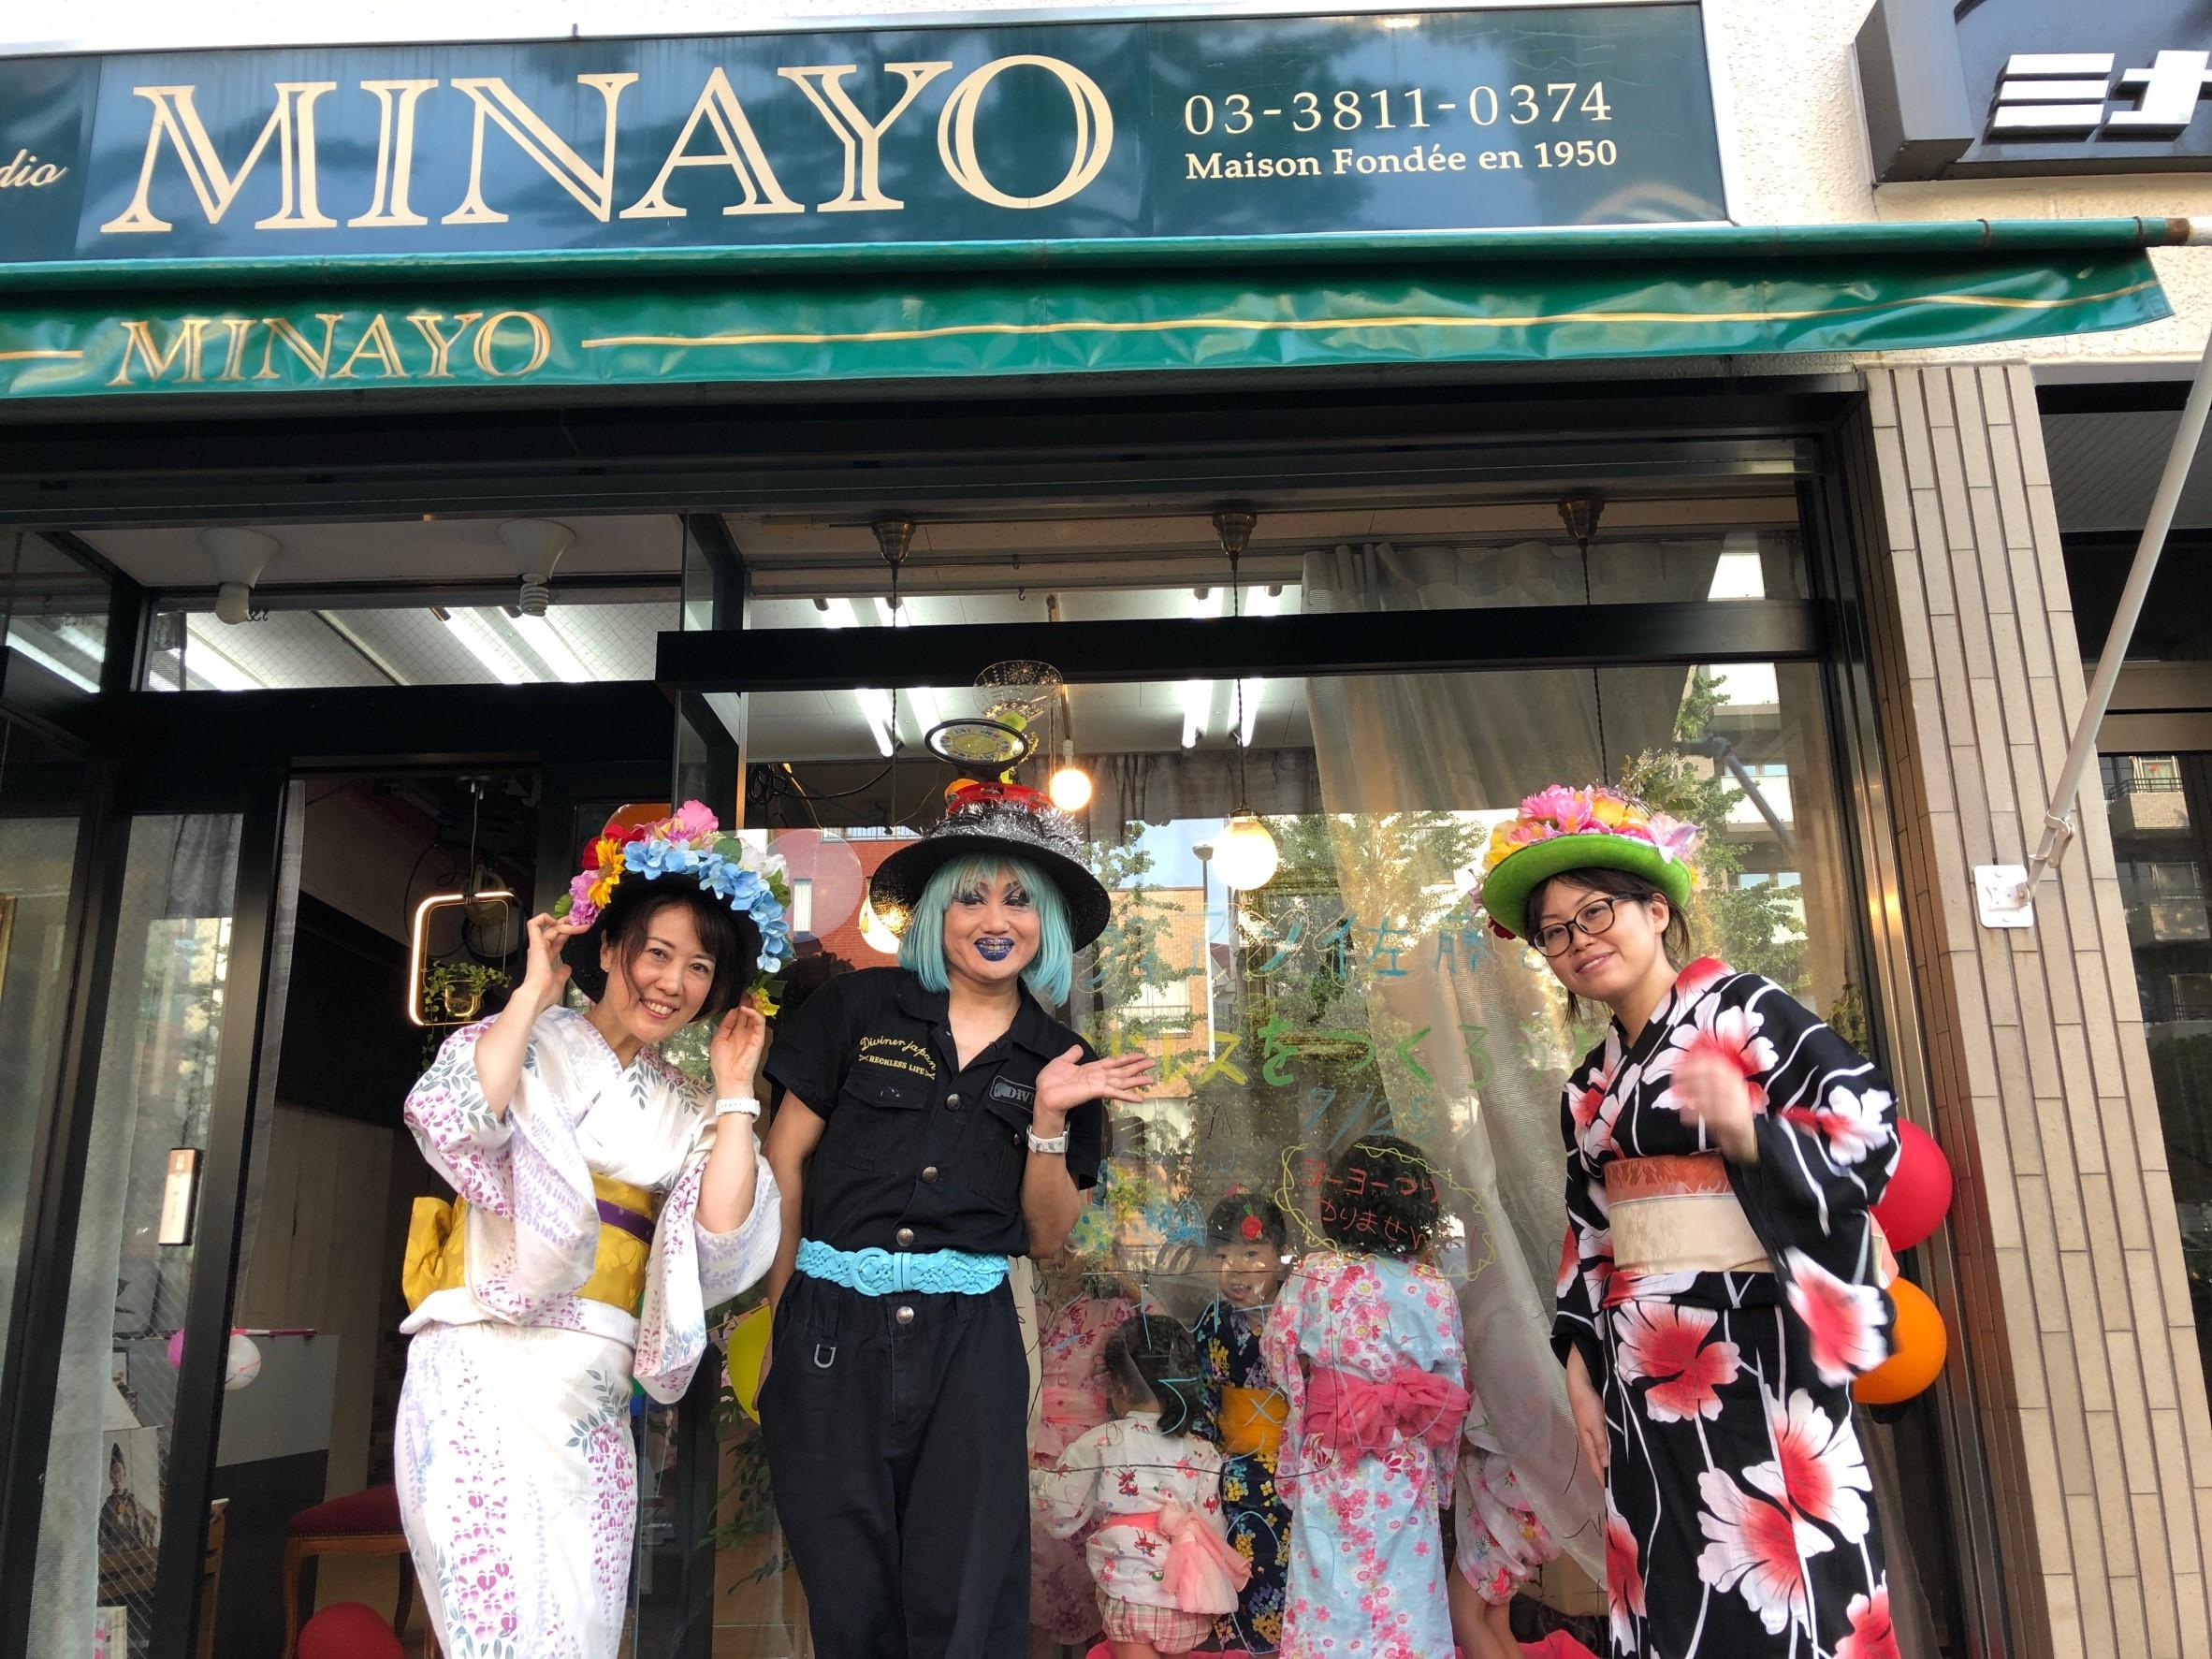 ヴィヴィアン佐藤さんと店の前で記念撮影